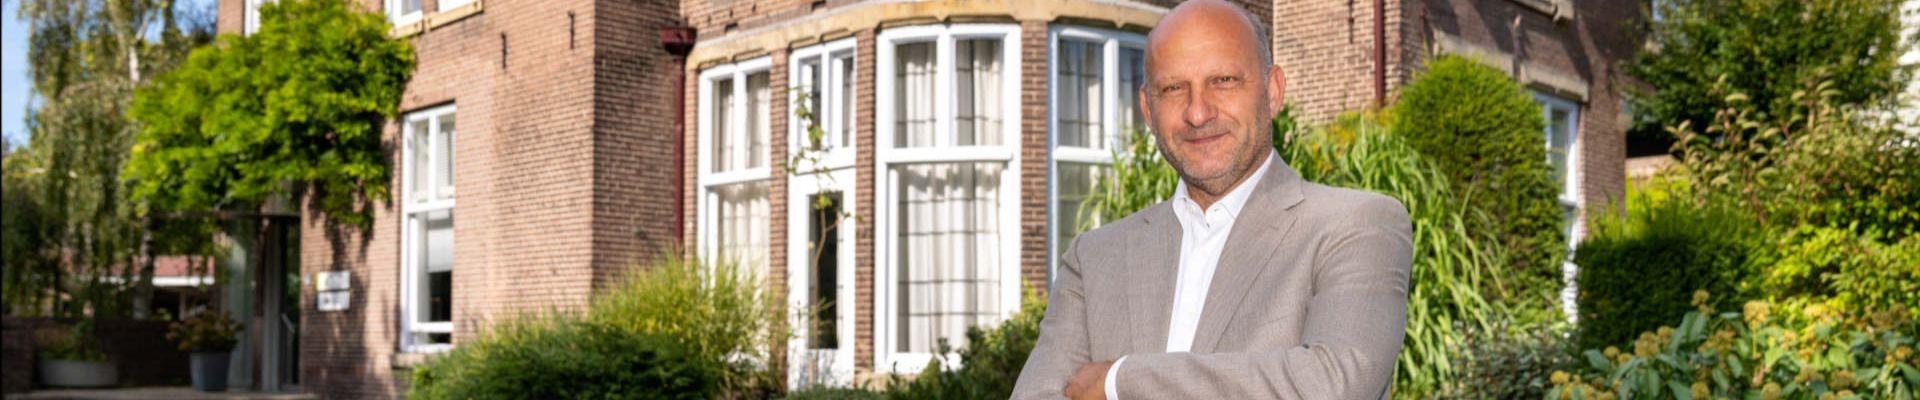 Matchpartner directeur Leon Brouwers staat voor Matchpartner kantoor Boerhaavelaan 4, Leiden